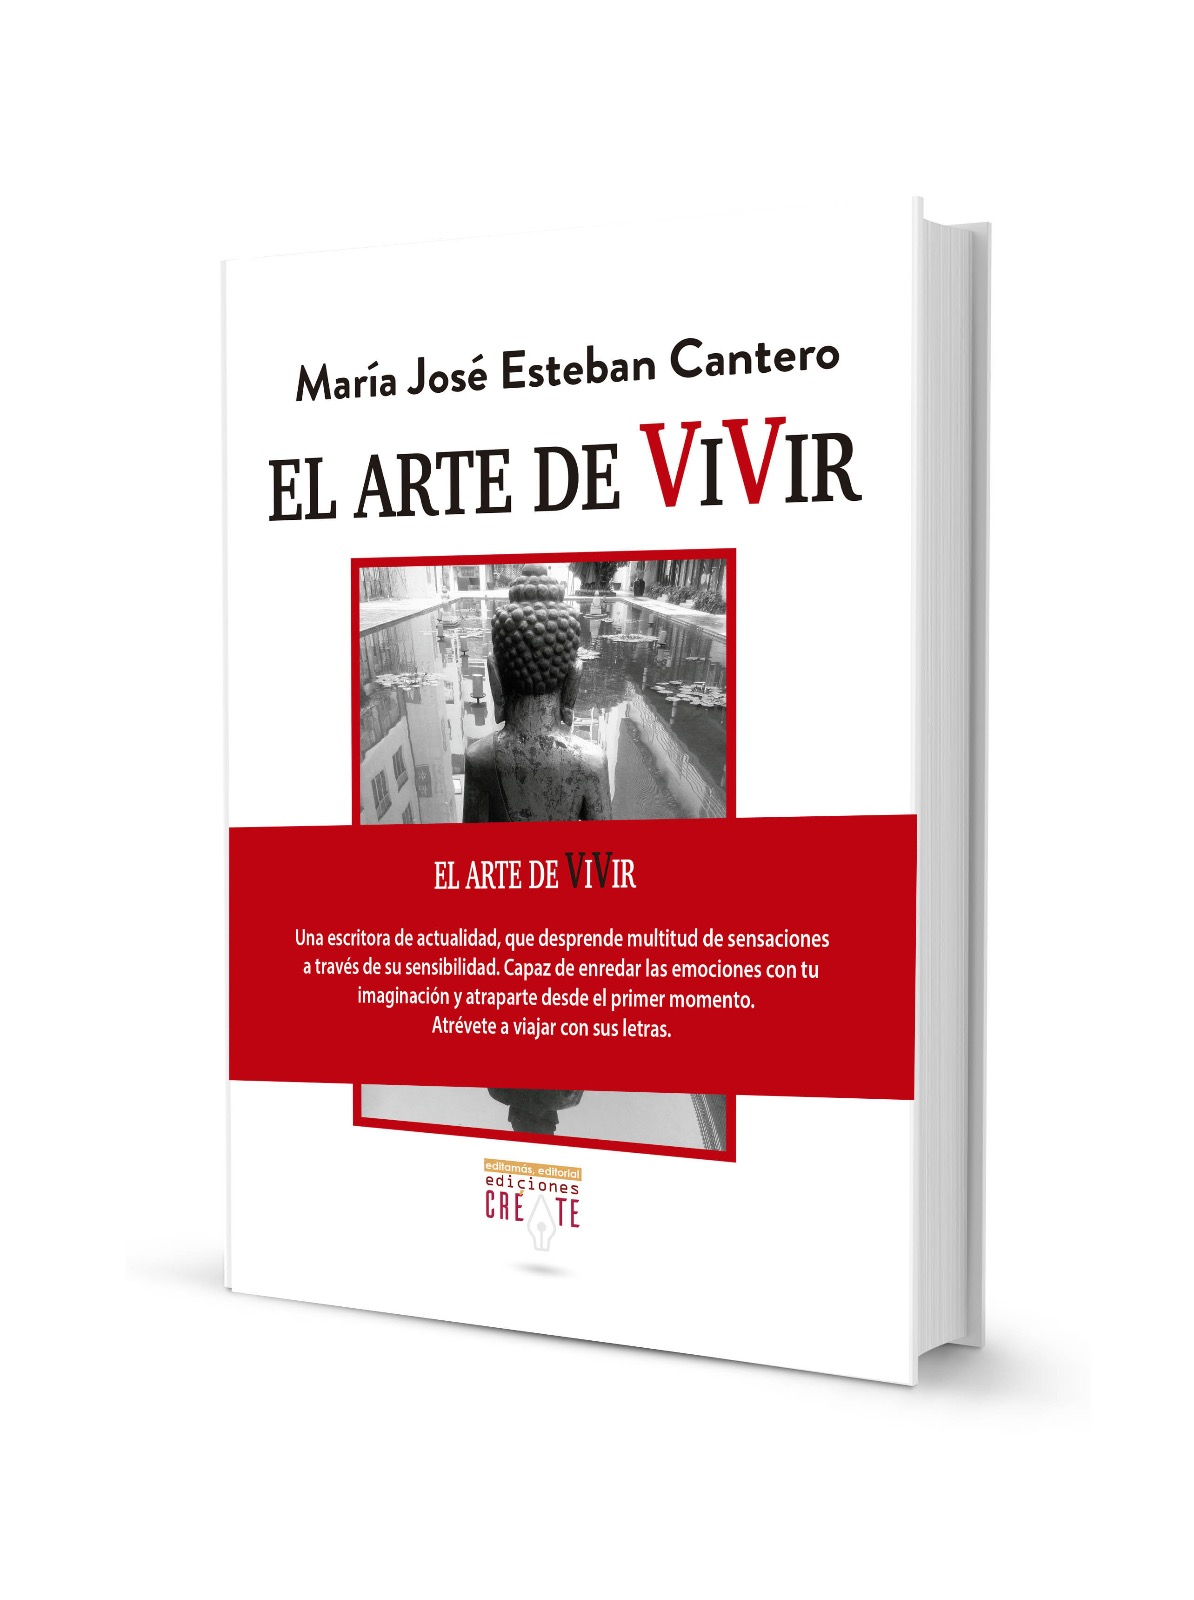 MARIA JOSÉ ESTEBAN PRESENTA 'EL ARTE DE VIVIR'